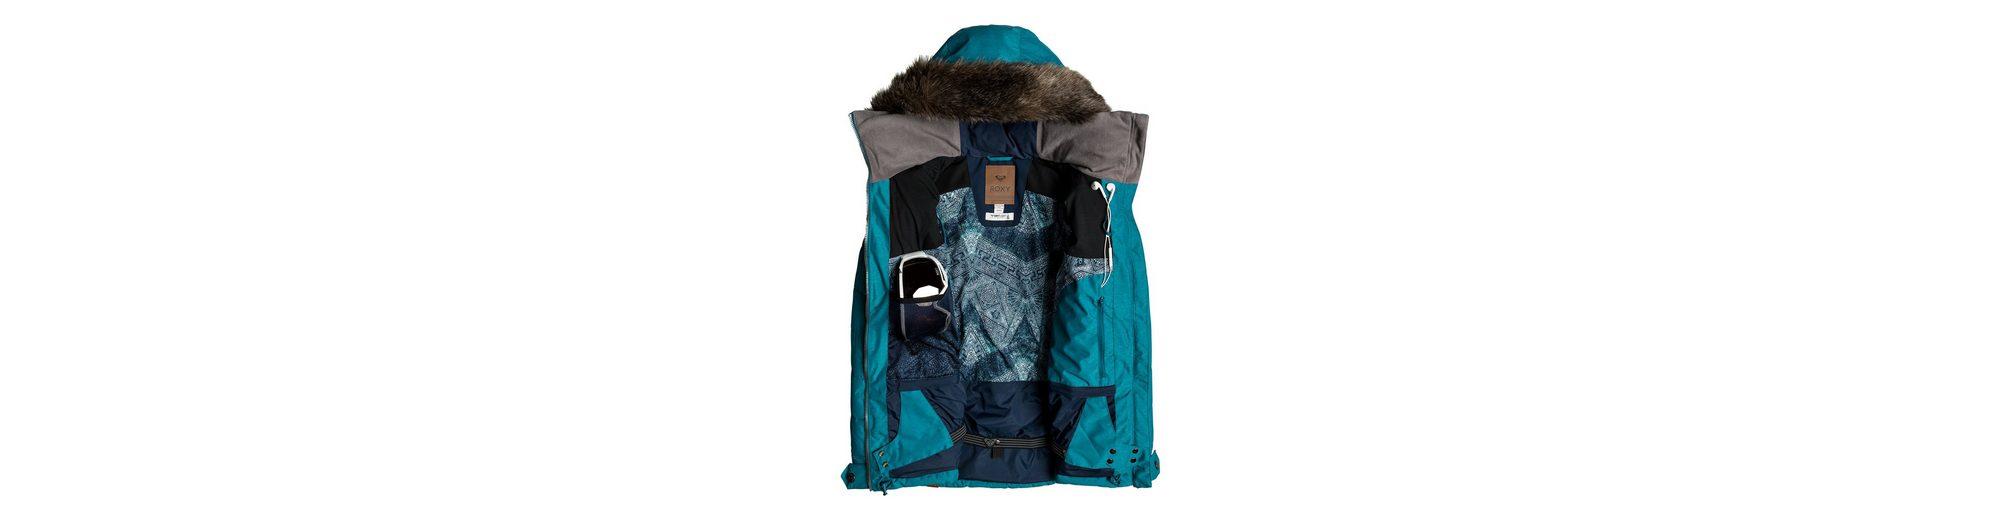 Drop-Shipping Verkauf Echt Roxy Snow Jacke Quinn Verkauf Footaction Billig Verkauf Erkunden 100% Garantiert BP3IIS3s